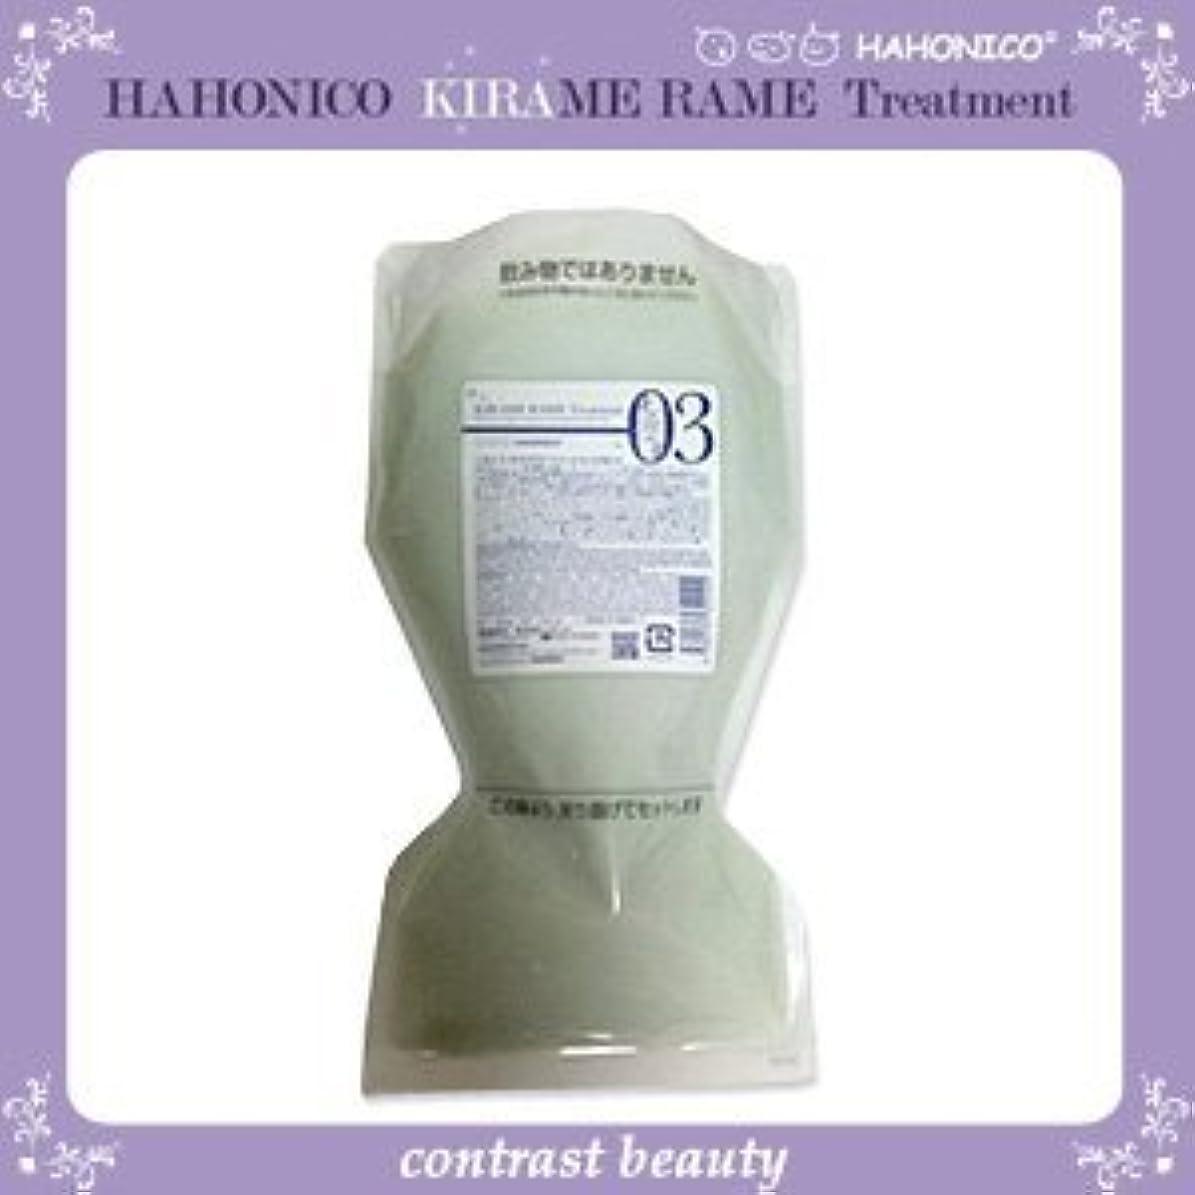 促す刈るハホニコ キラメラメ トリートメントNo.3 500g(詰め替え) KIRAME RAME HAHONICO